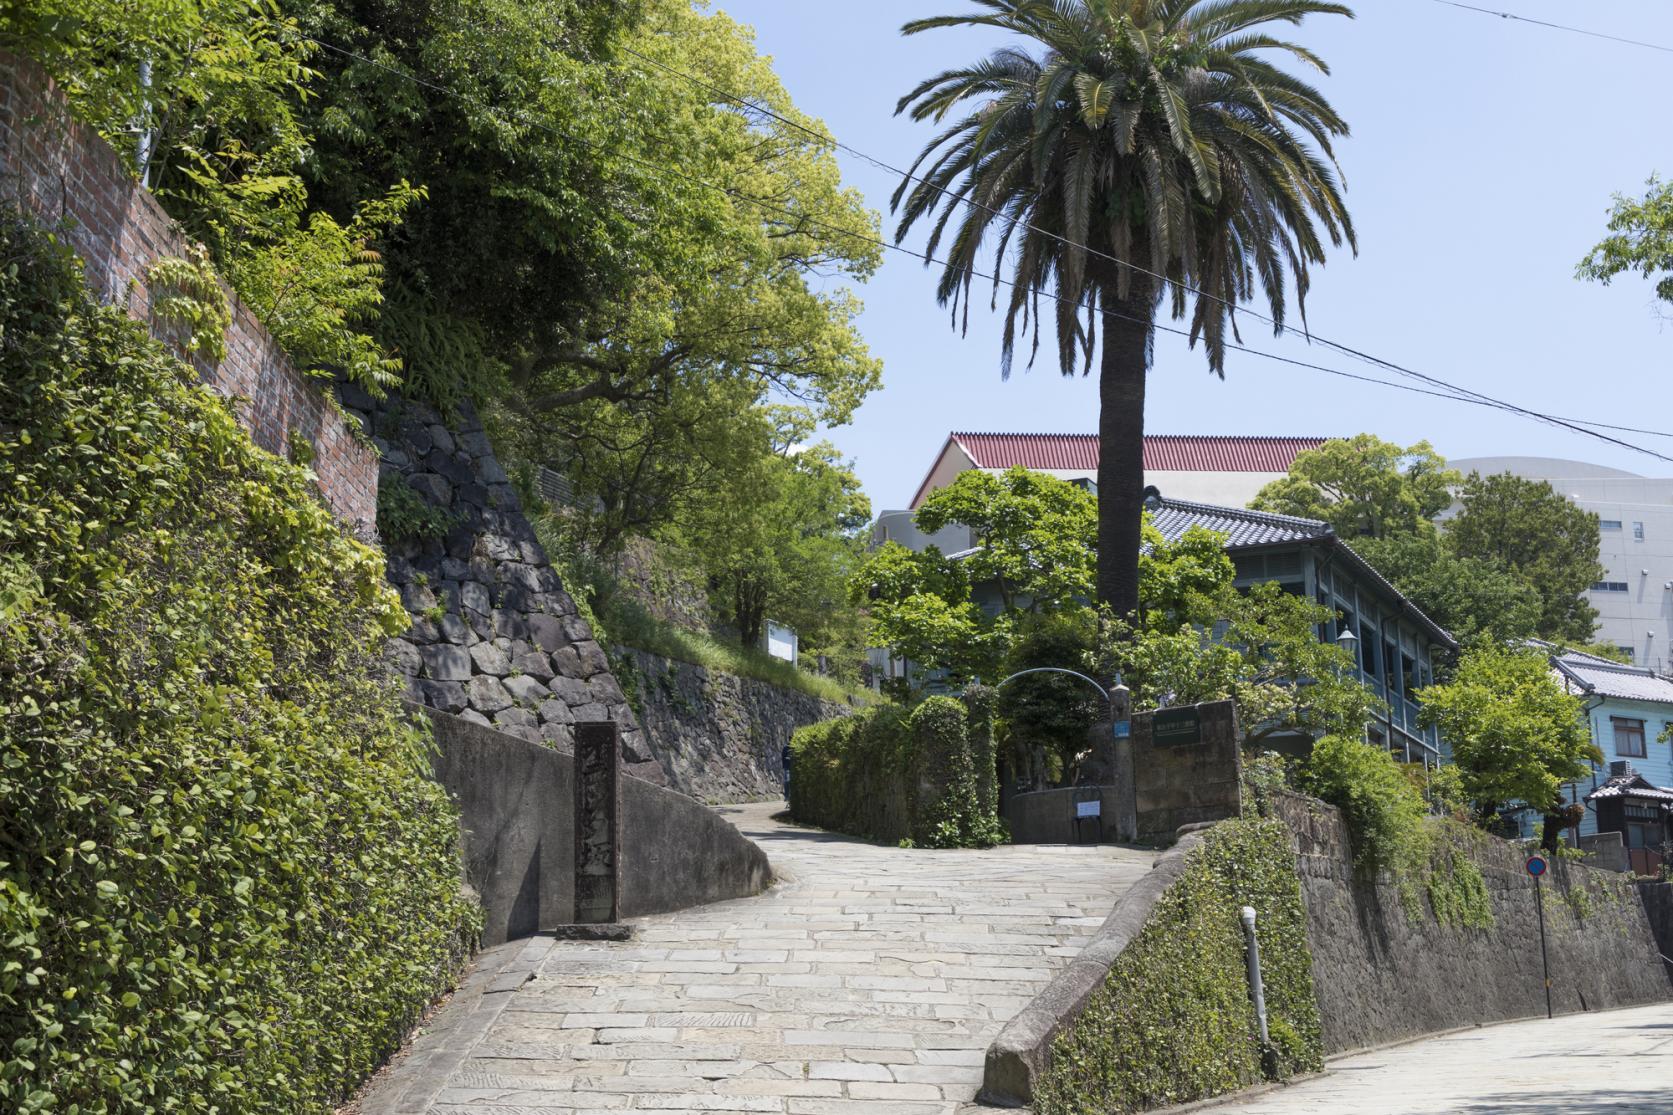 【長崎港発】異国情緒を感じる街並みお散歩コース-1